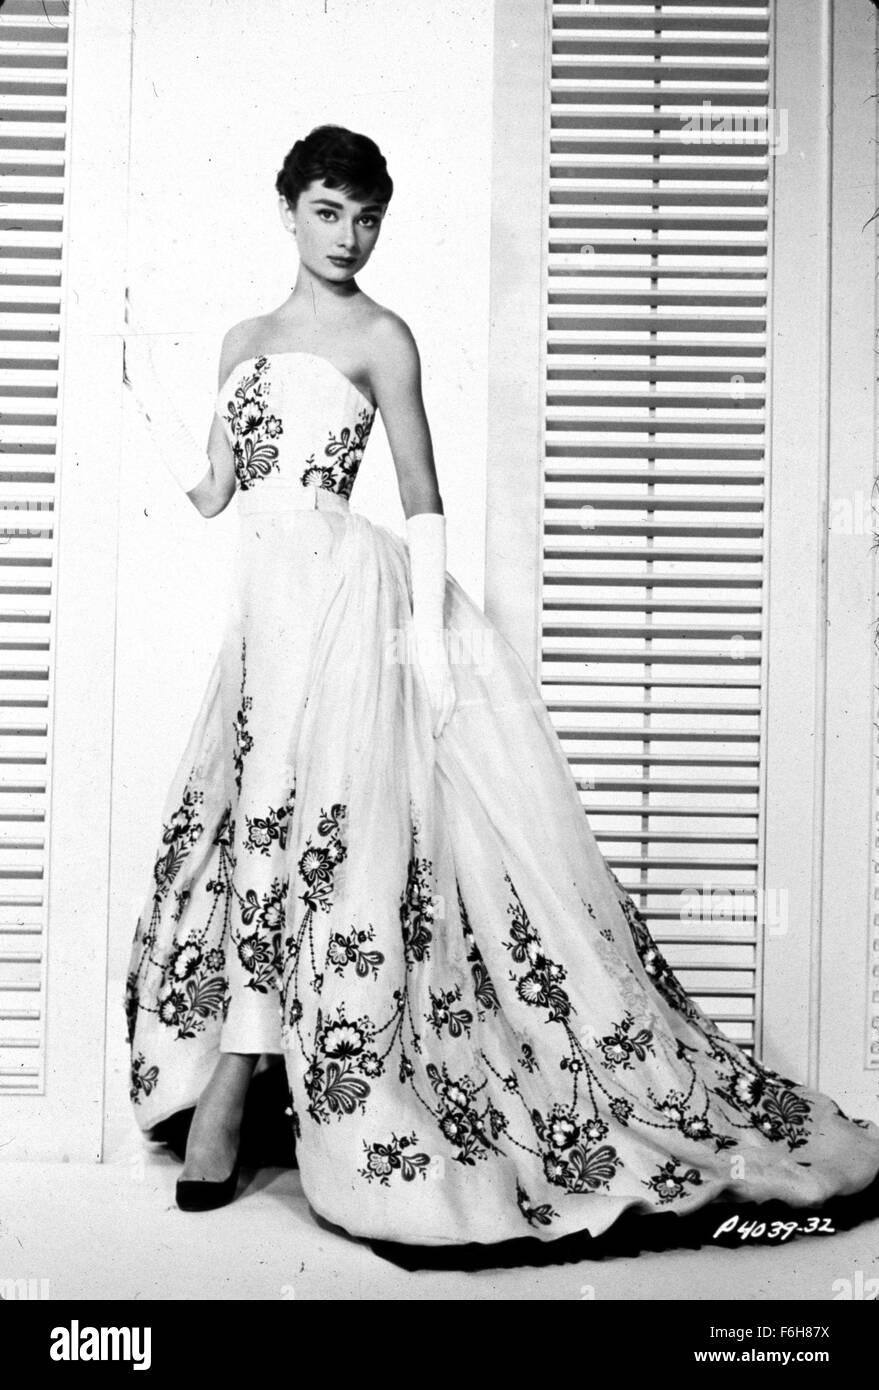 1954 filmtitel sabrina regie billy wilder im bild nackten schultern k rperteil kleidung. Black Bedroom Furniture Sets. Home Design Ideas